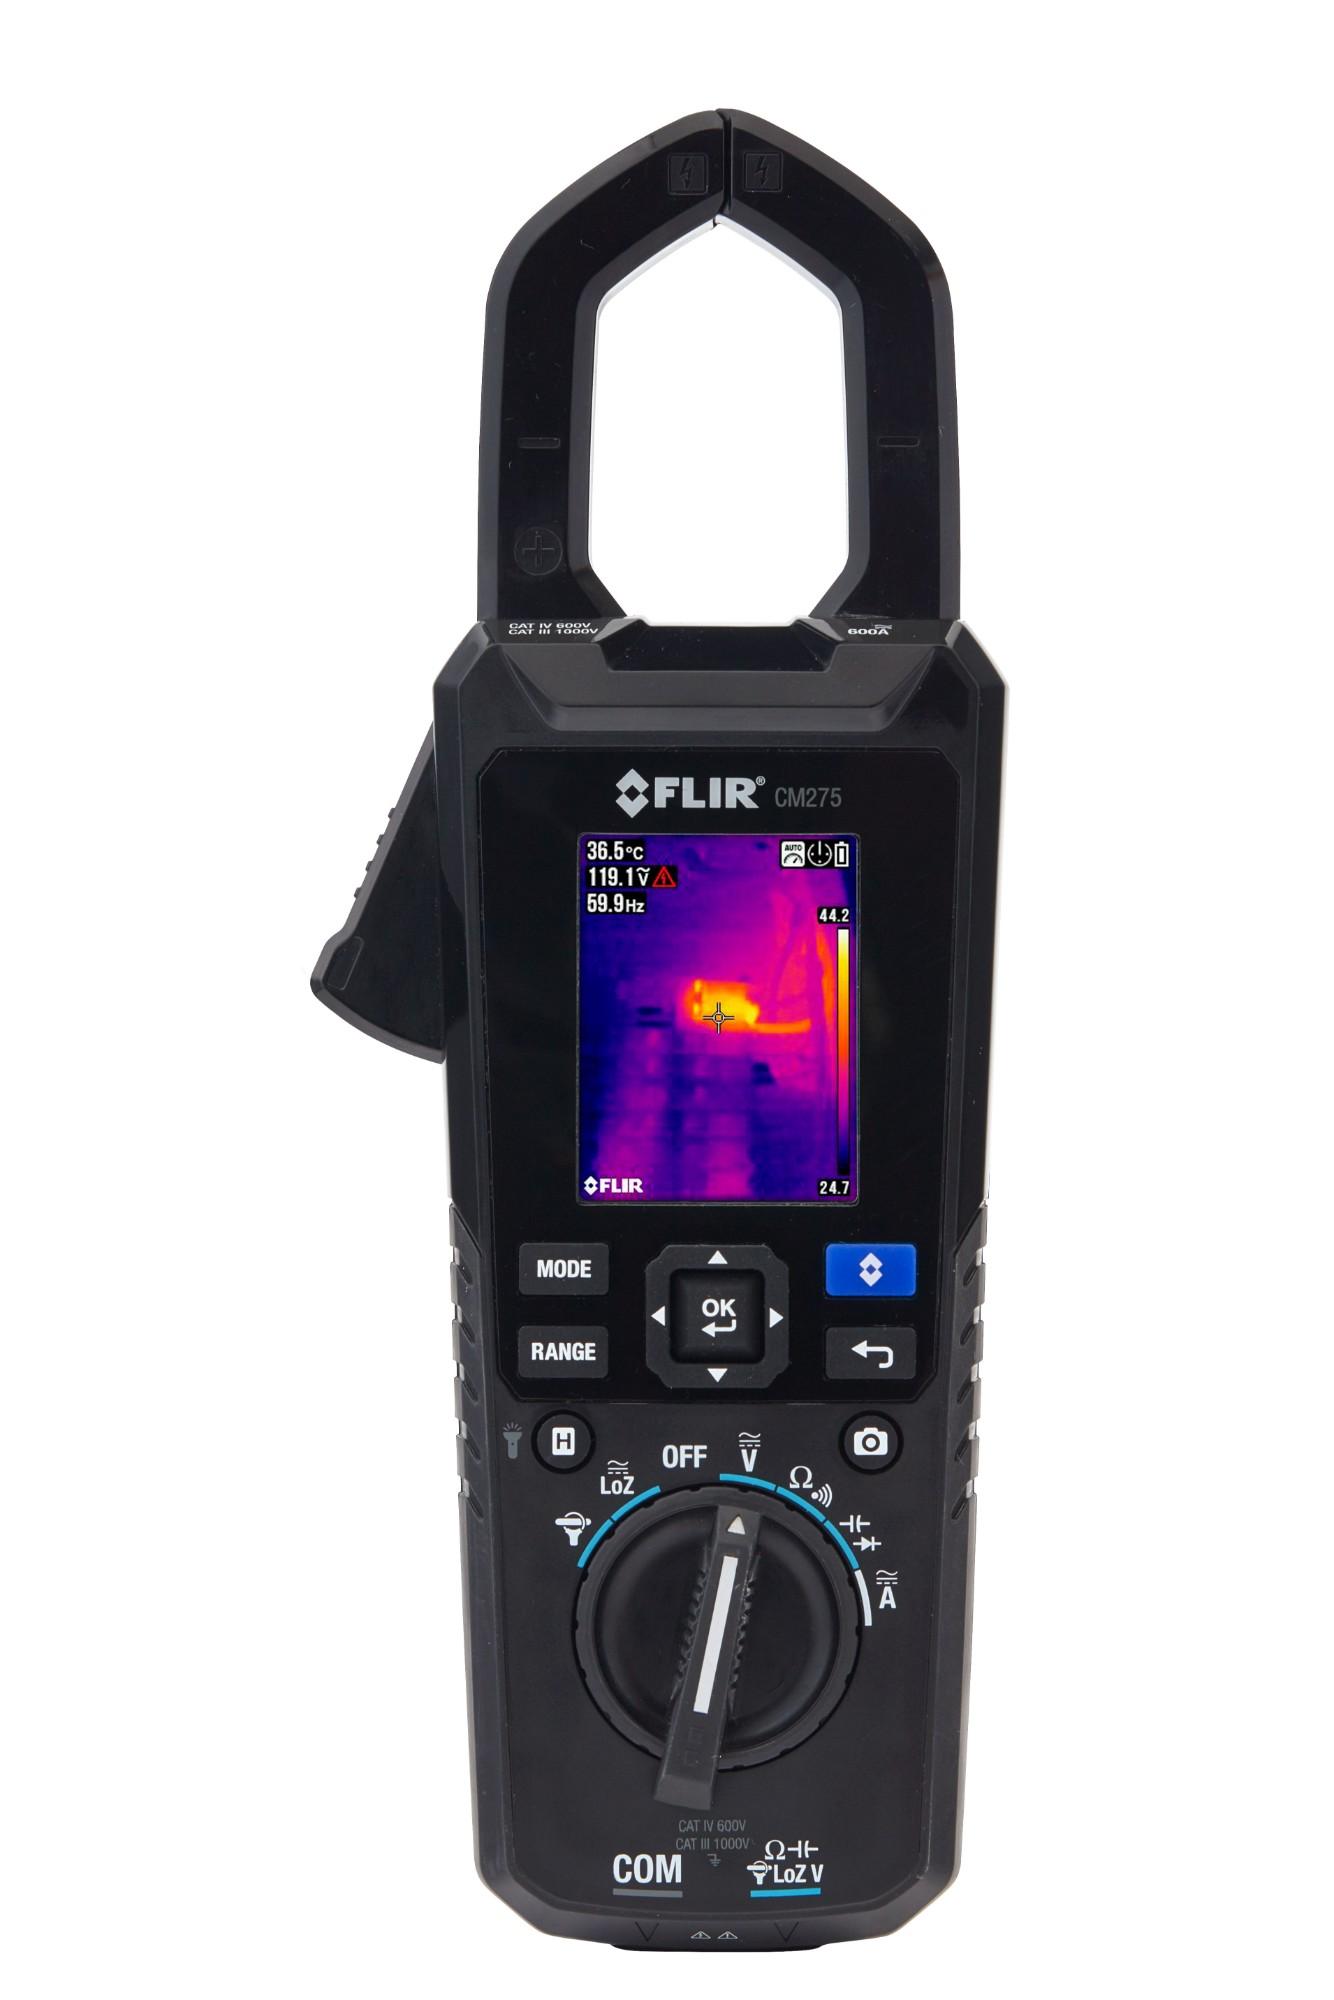 FLIR Thermal Imaging AC/DC Clamp Meter